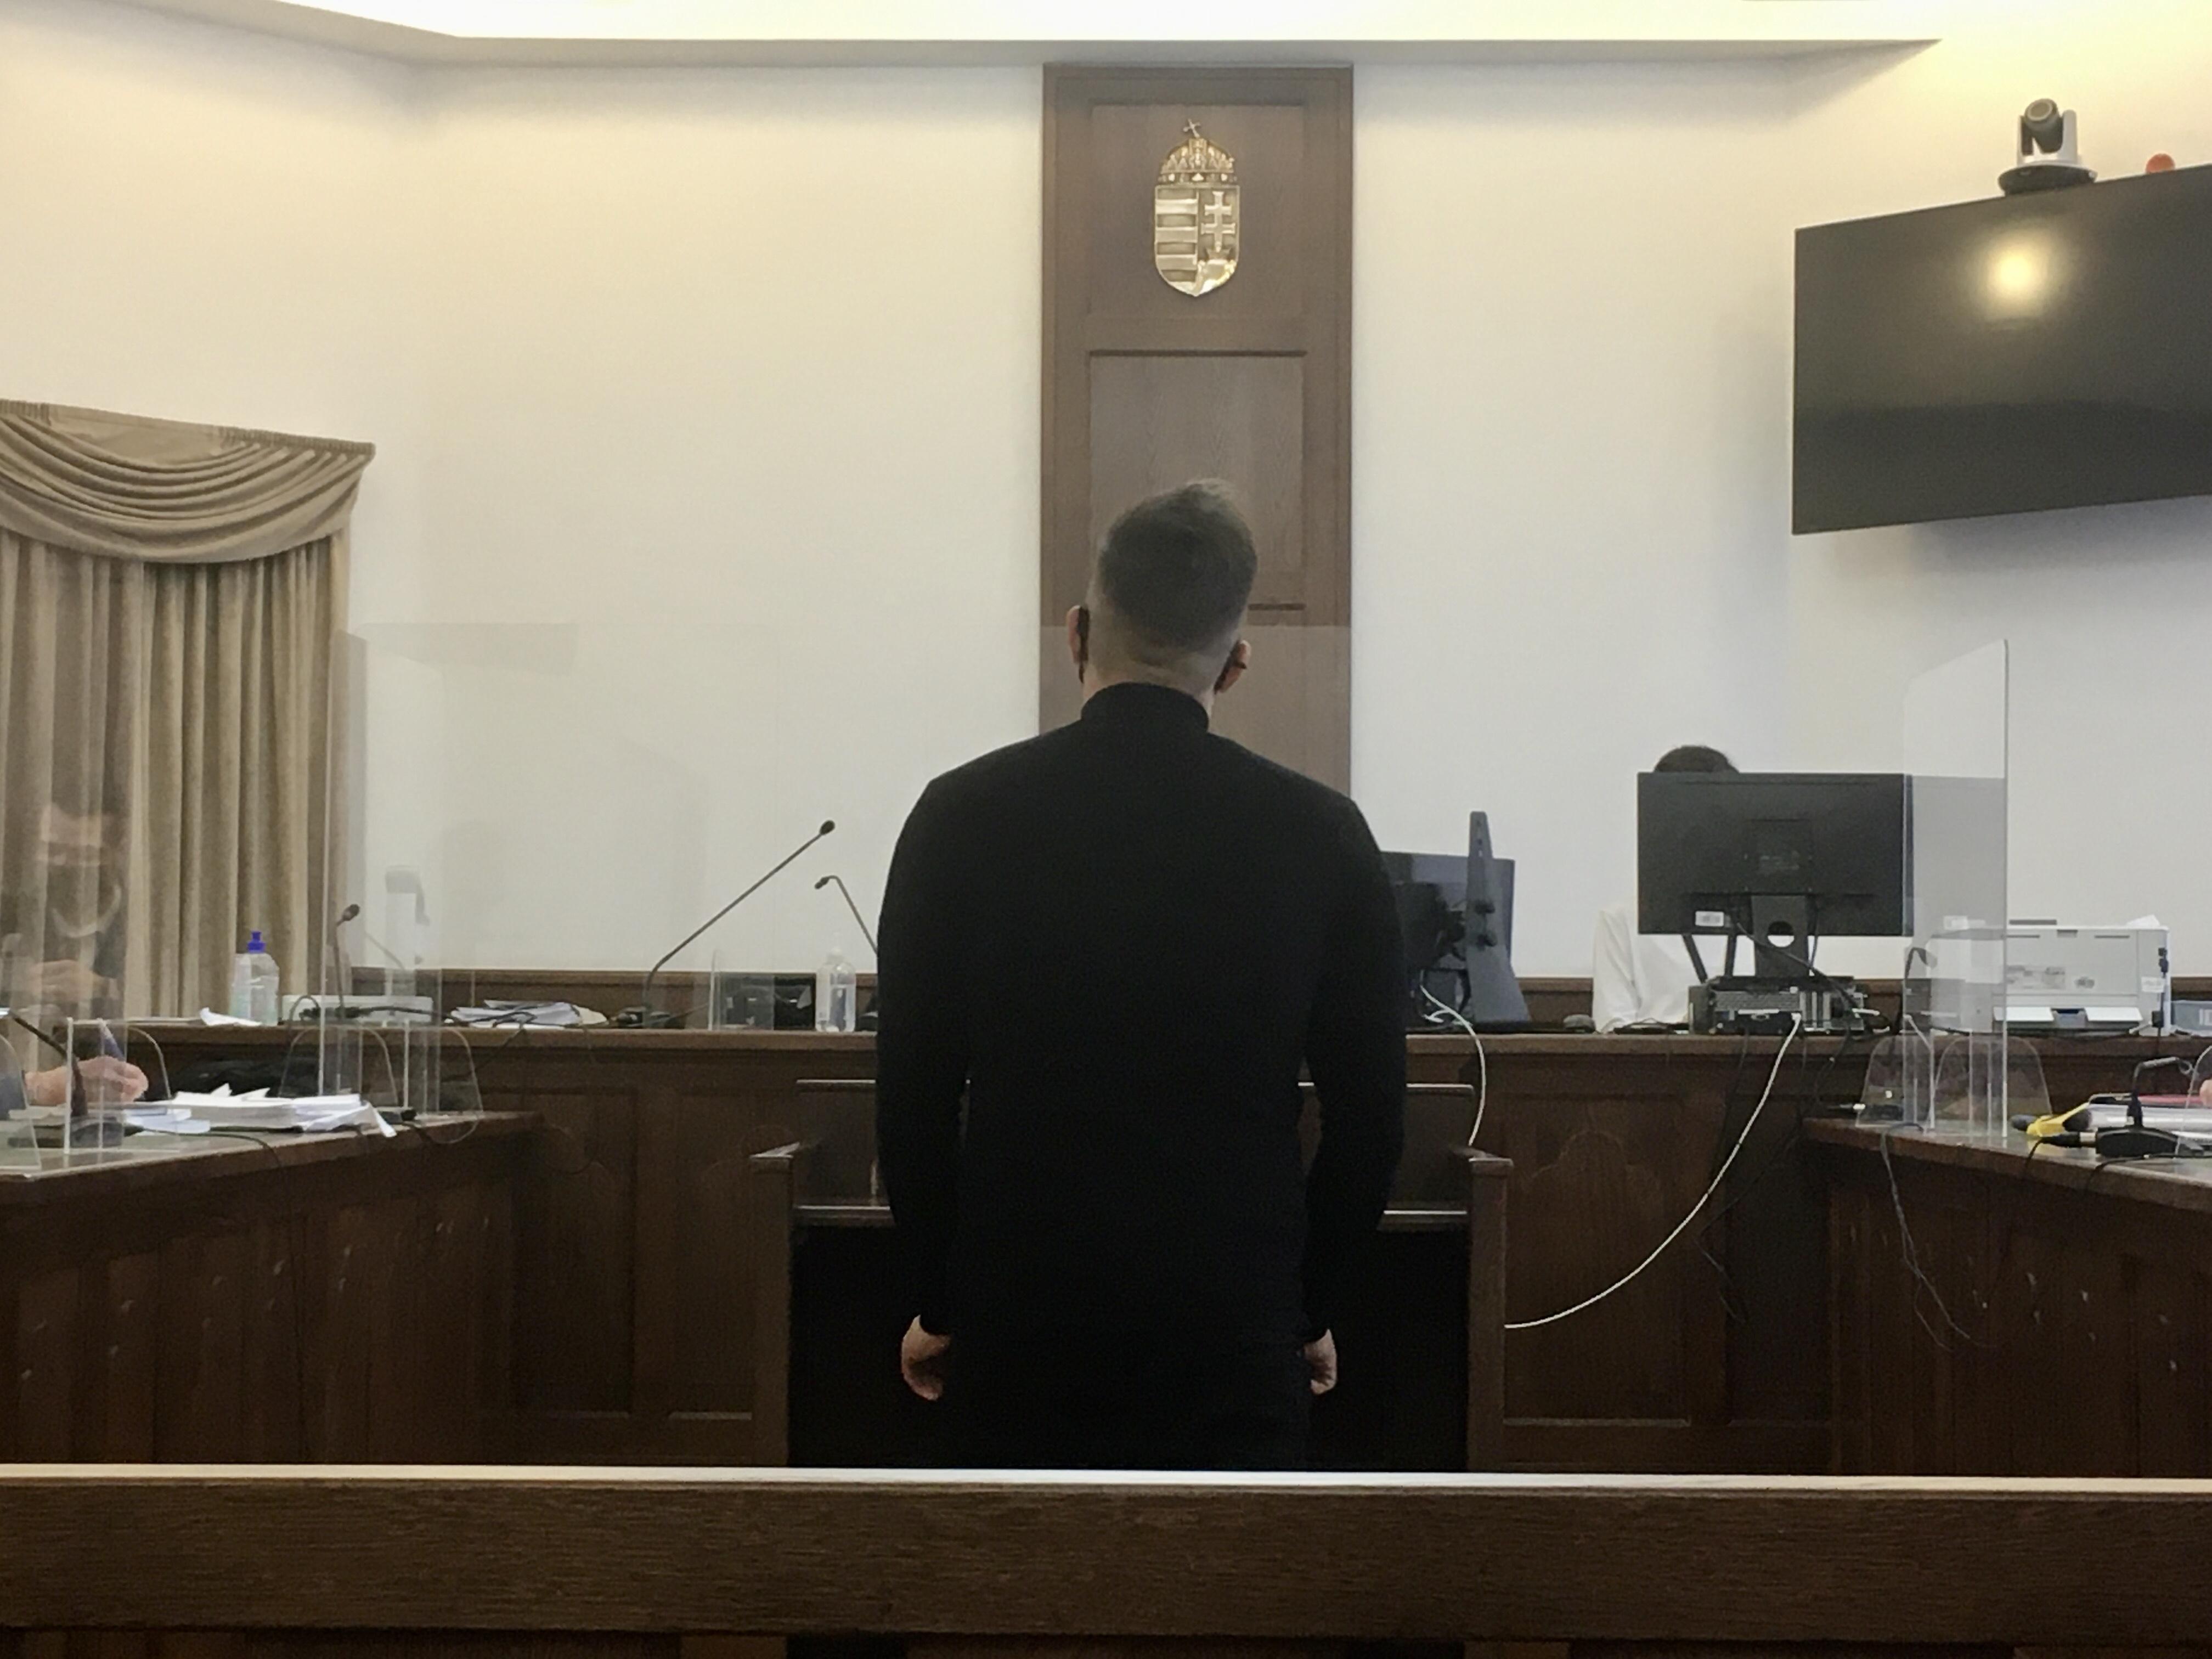 Nem ismerte el bűnösségét az egykori áldozat, akit katolikus vezetők vádolnak zaklatással